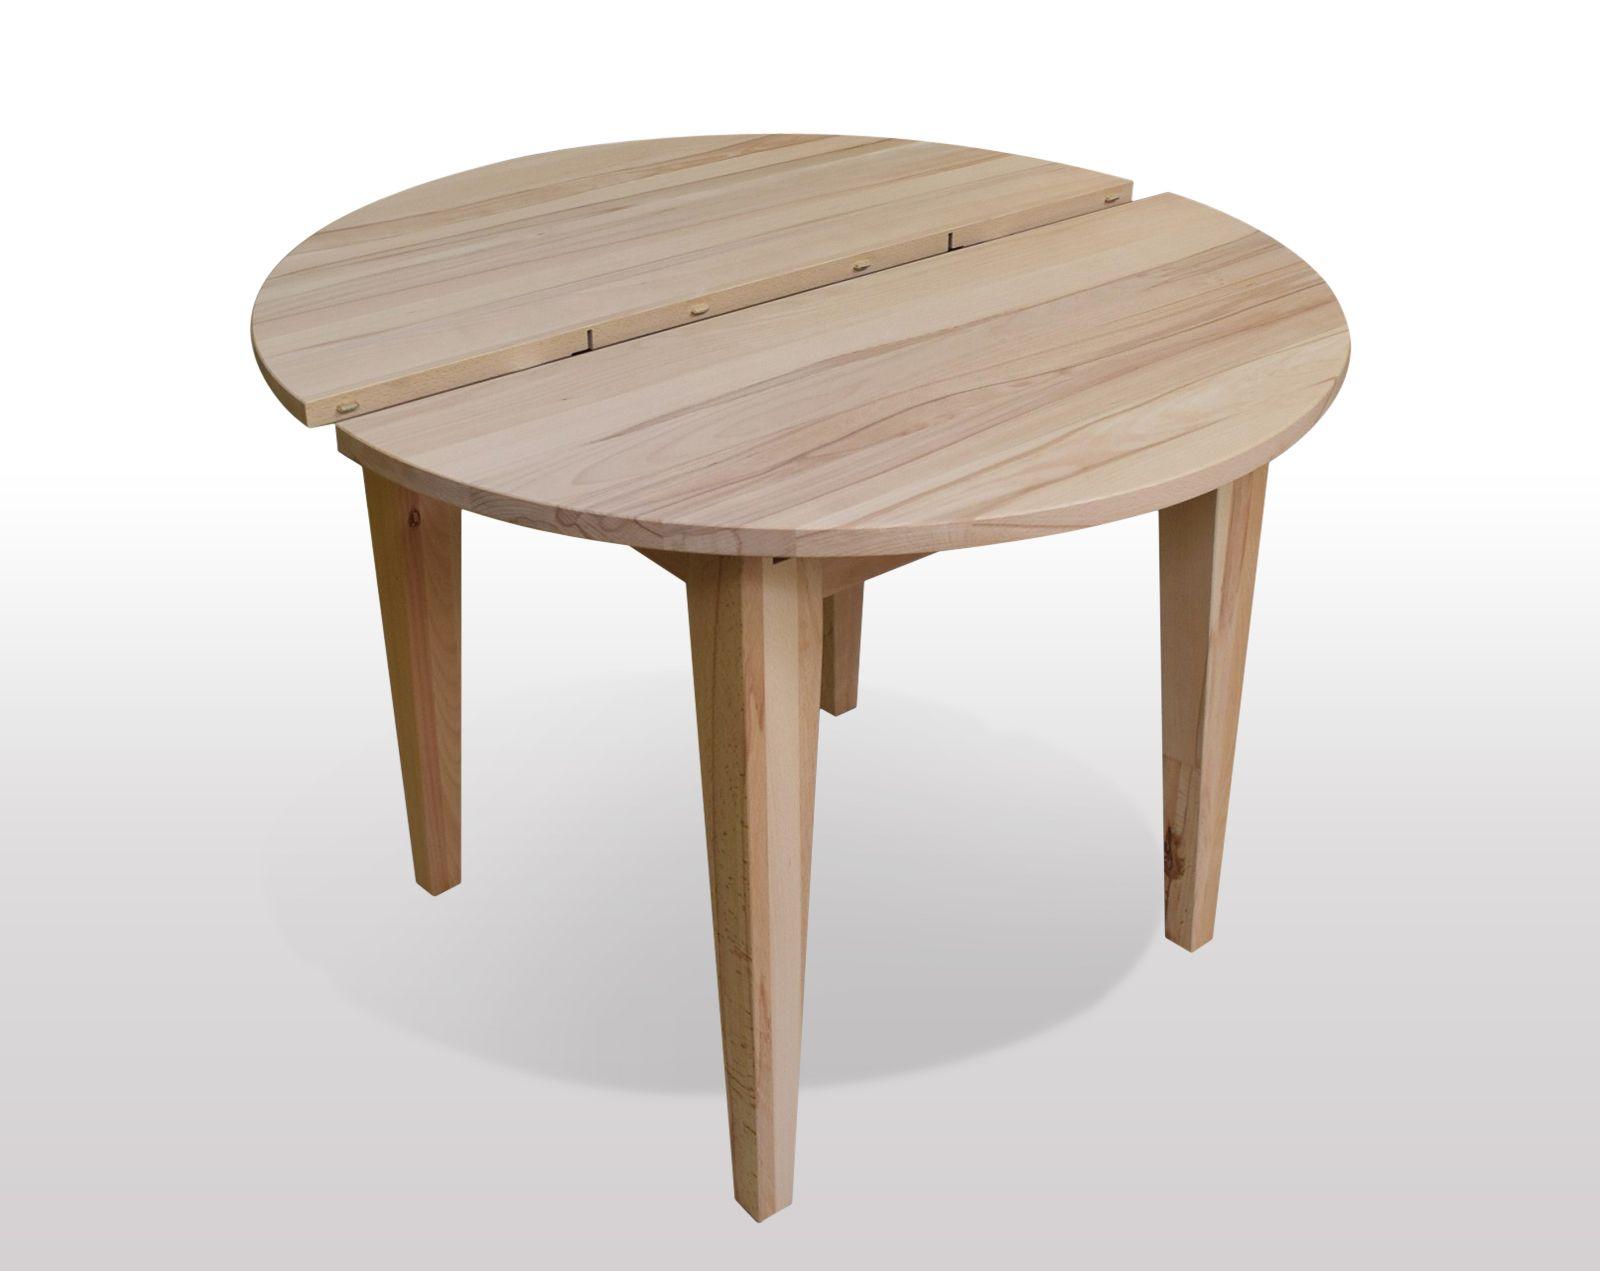 esstisch rund aus kernbuche massiv ausf hrung als 4 bein esstisch mit konischen beinen. Black Bedroom Furniture Sets. Home Design Ideas